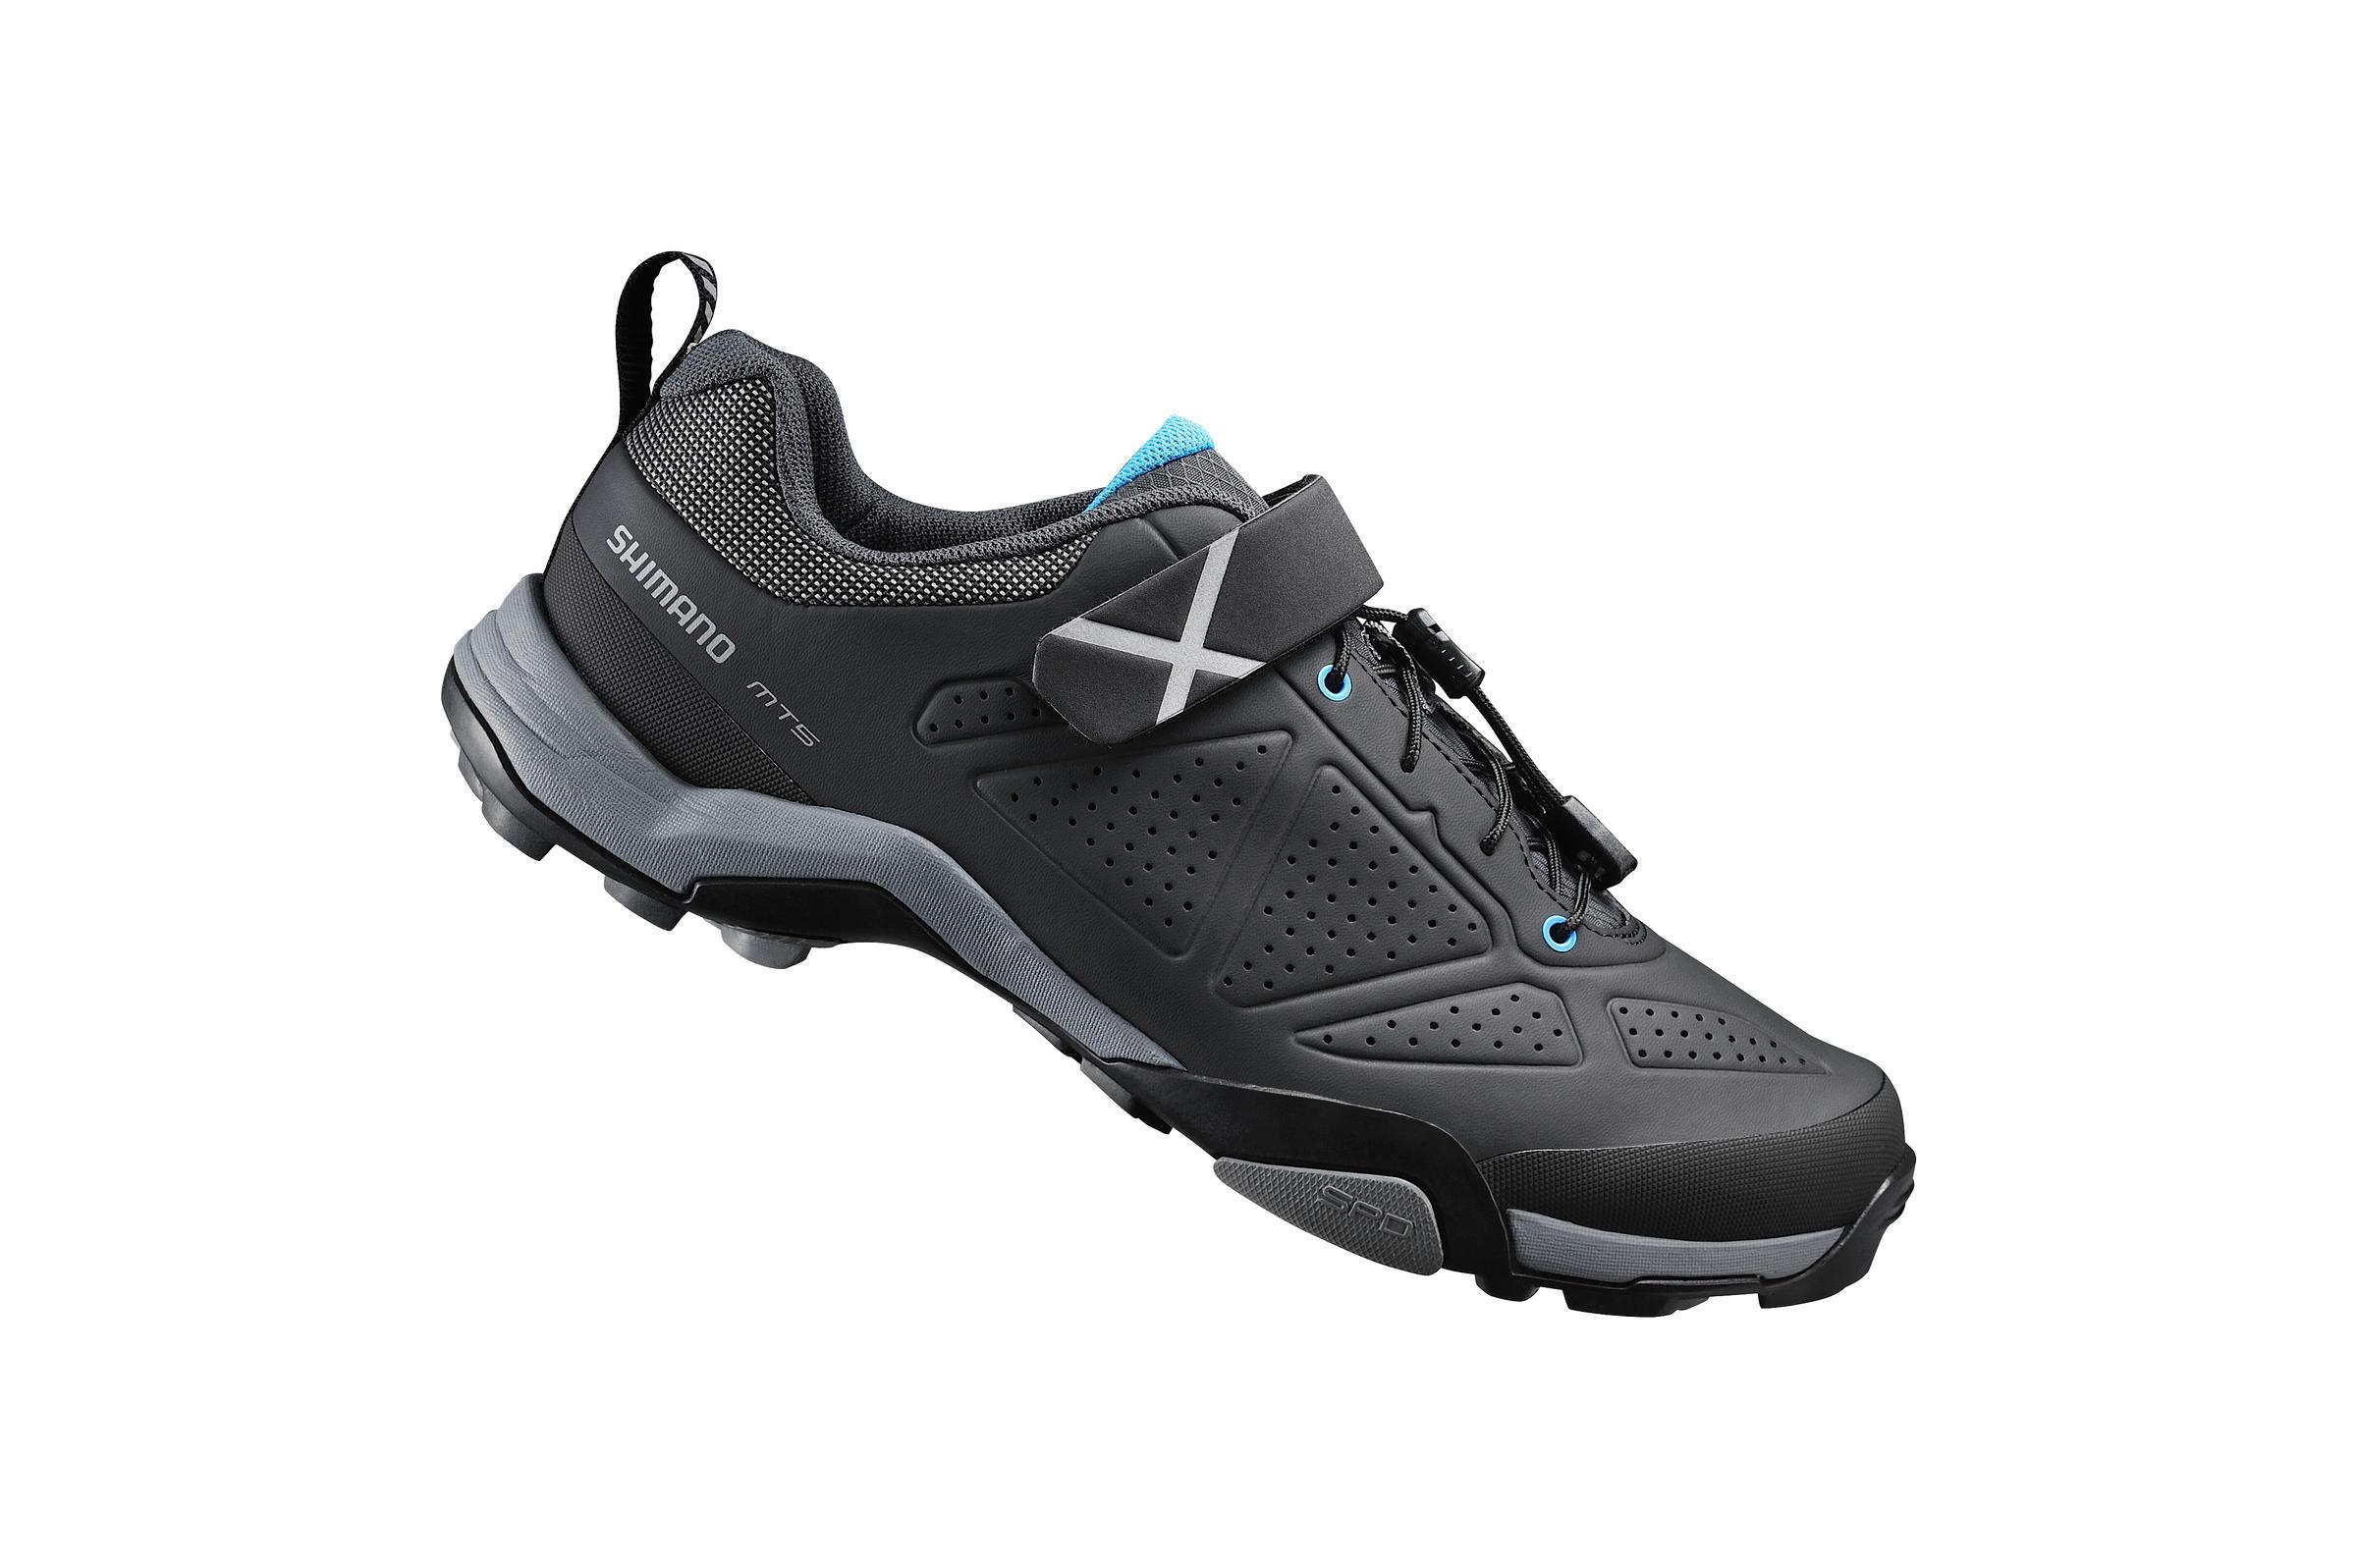 4e53cbd1df3 Shimano SH-MT5 Shoes - www.trekbicyclesuperstore.com